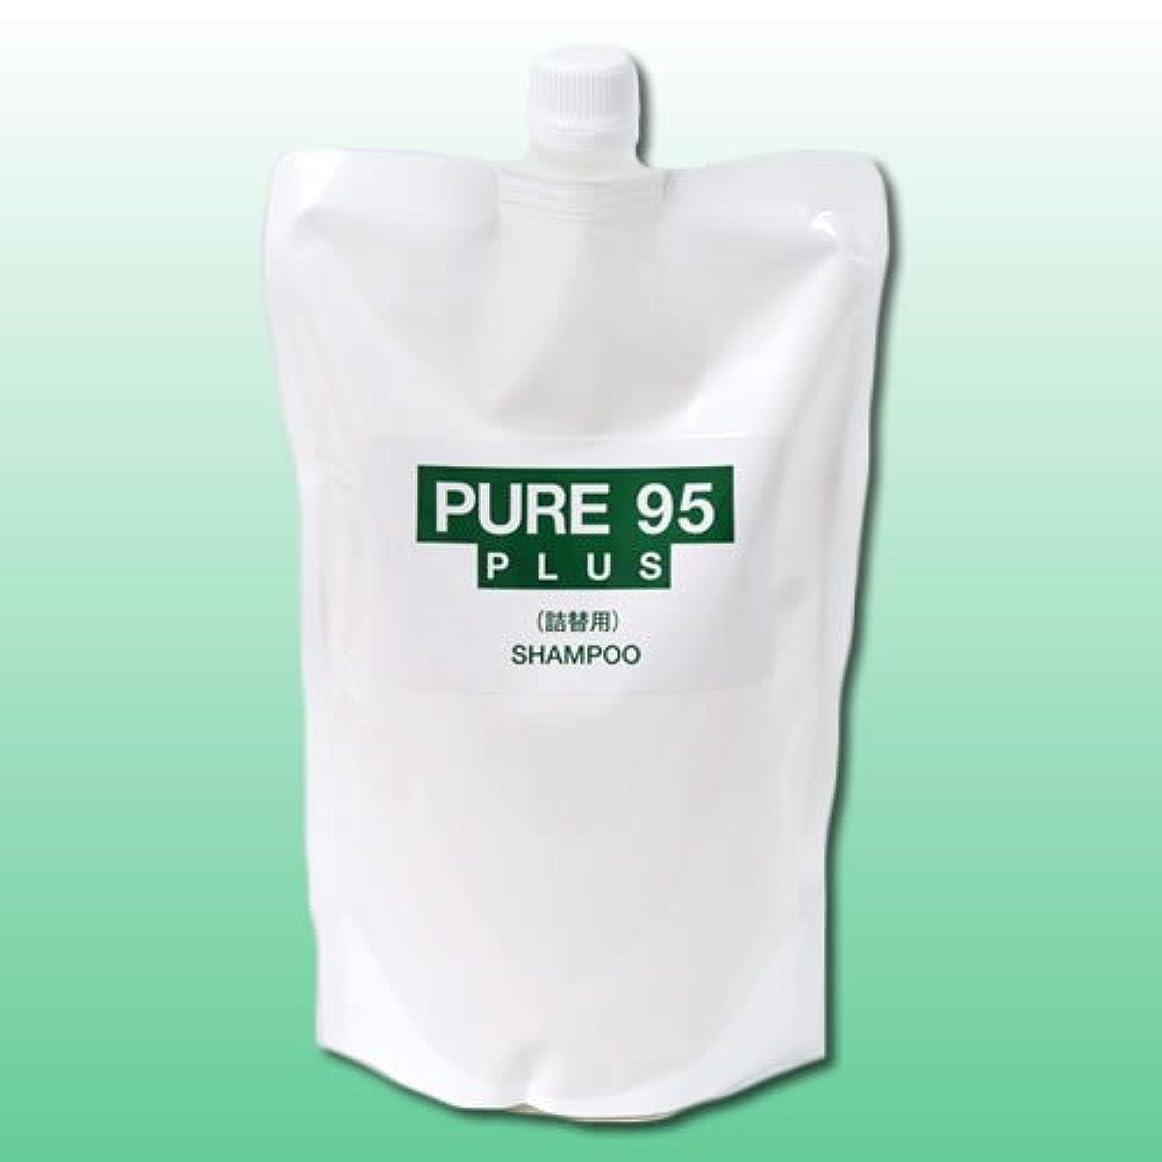 荷物時刻表テントパーミングジャパン PURE95(ピュア95) プラスシャンプー 700ml (草原の香り) 詰替用